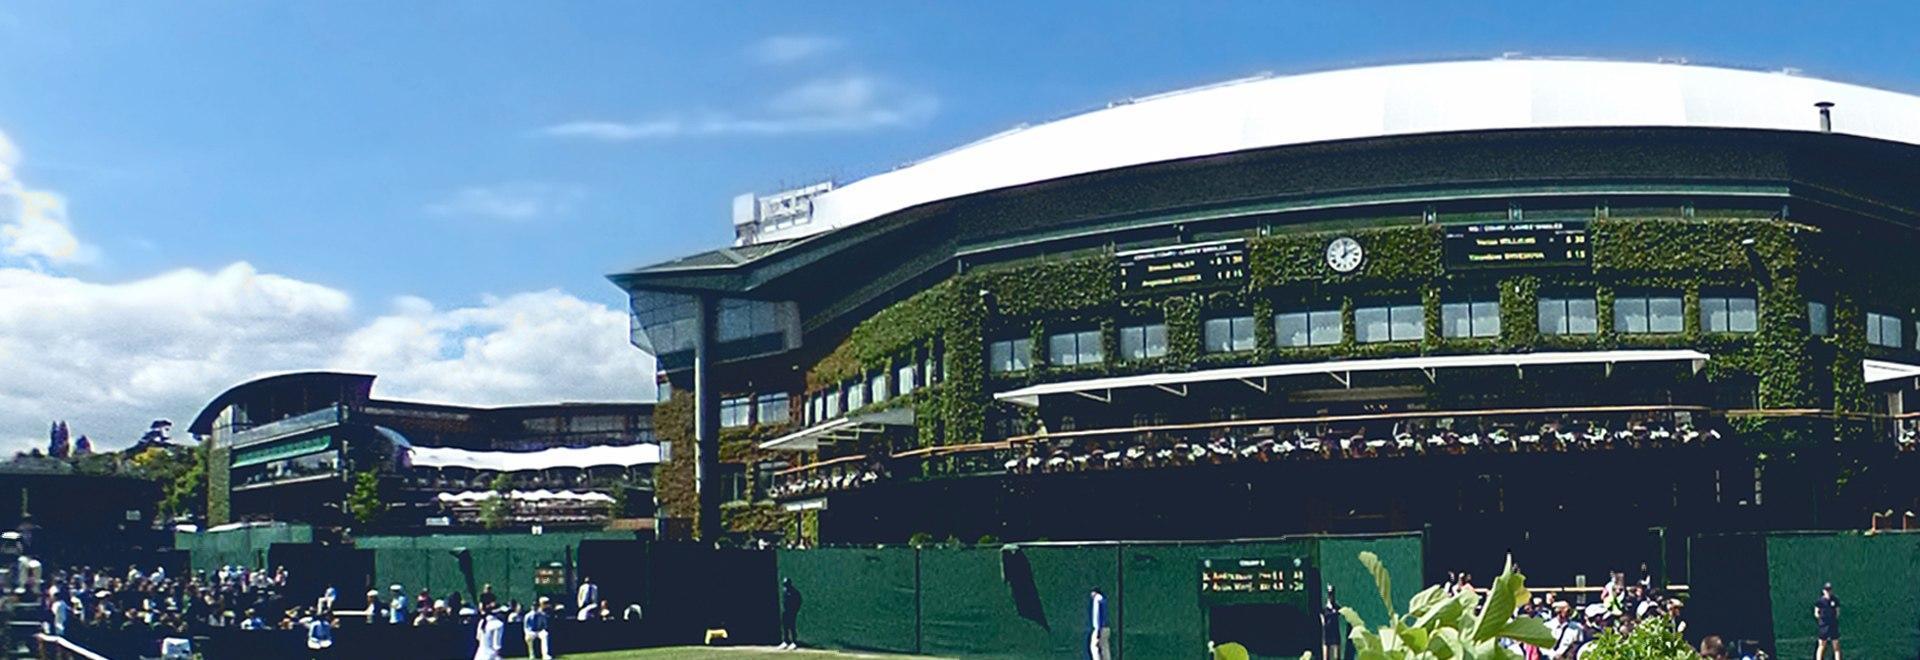 Wimbledon 1993: Sampras - Courier. Finale